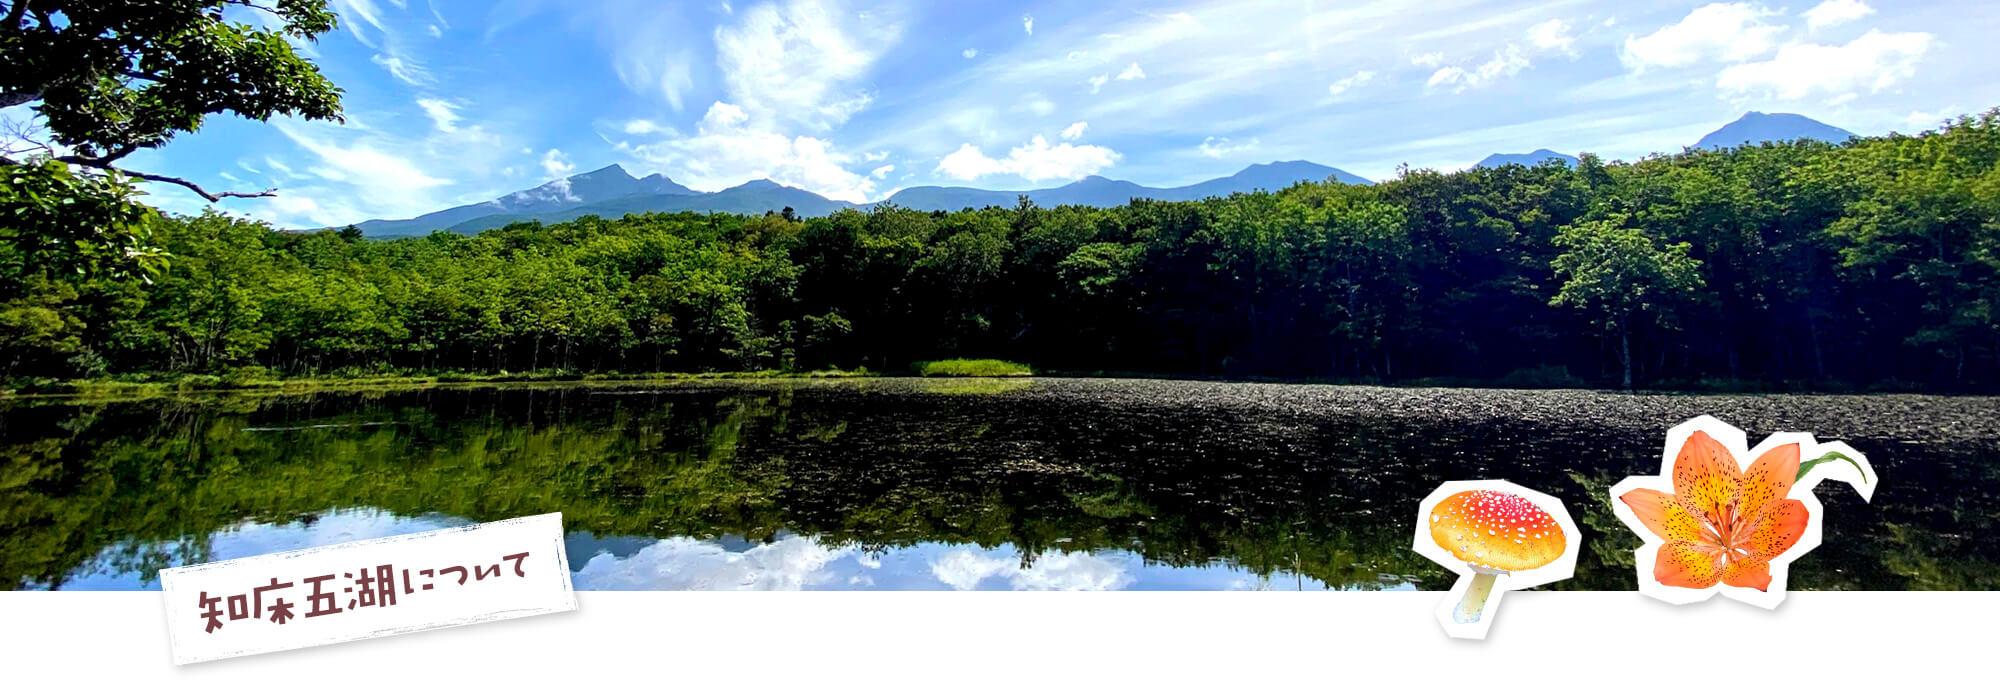 知床五湖について